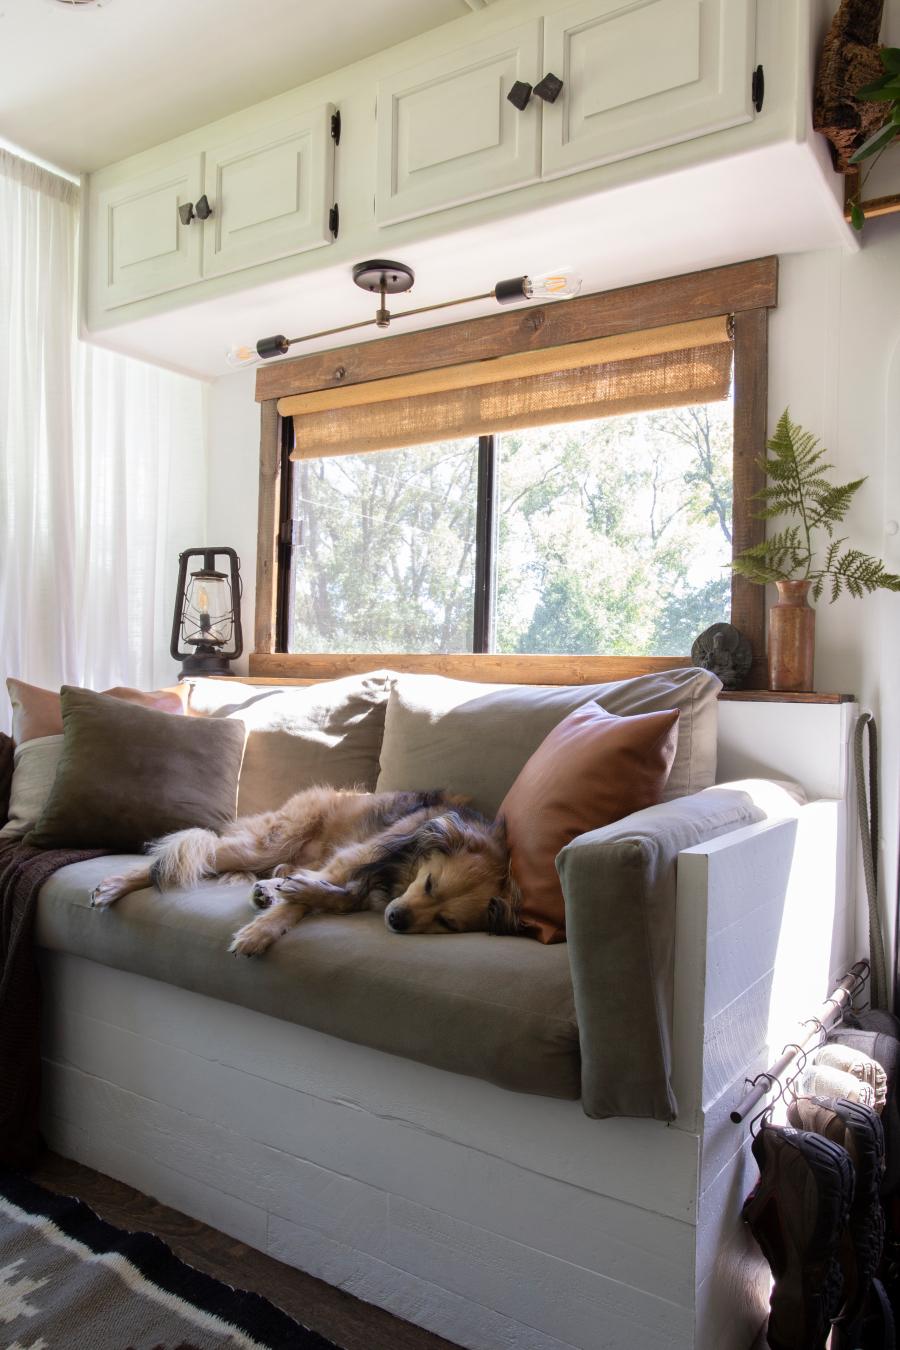 dog sleeping on sofa in RV